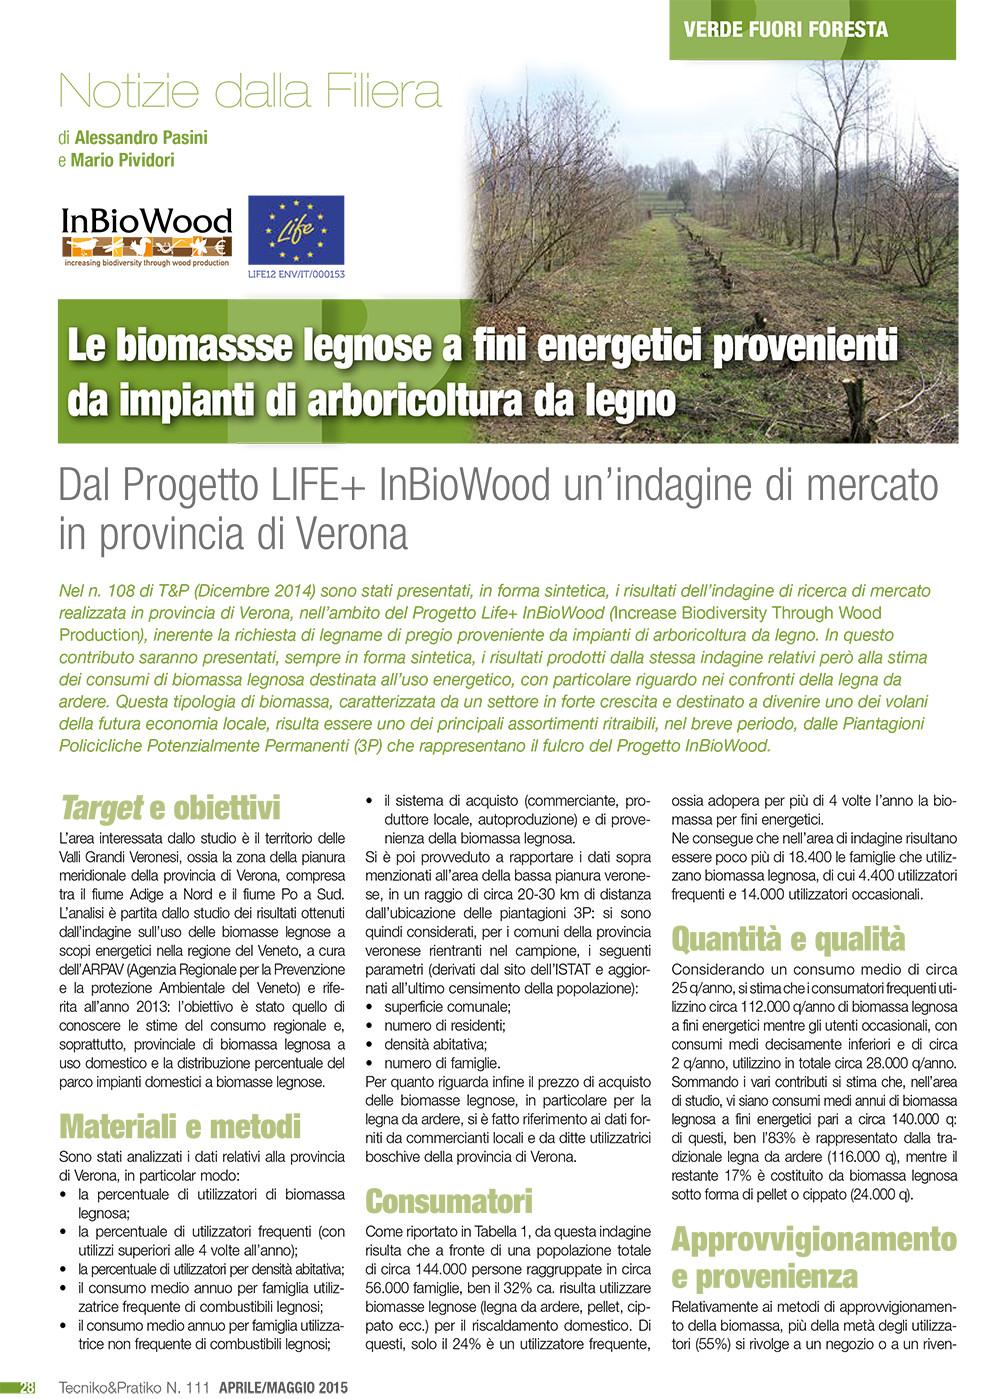 Le biomasse legnose a fini energetici proveniente da impianti di arboricoltura da legno. Dal Progetto LIFE + InBioWood un'indagine di mercato in provincia di Verona